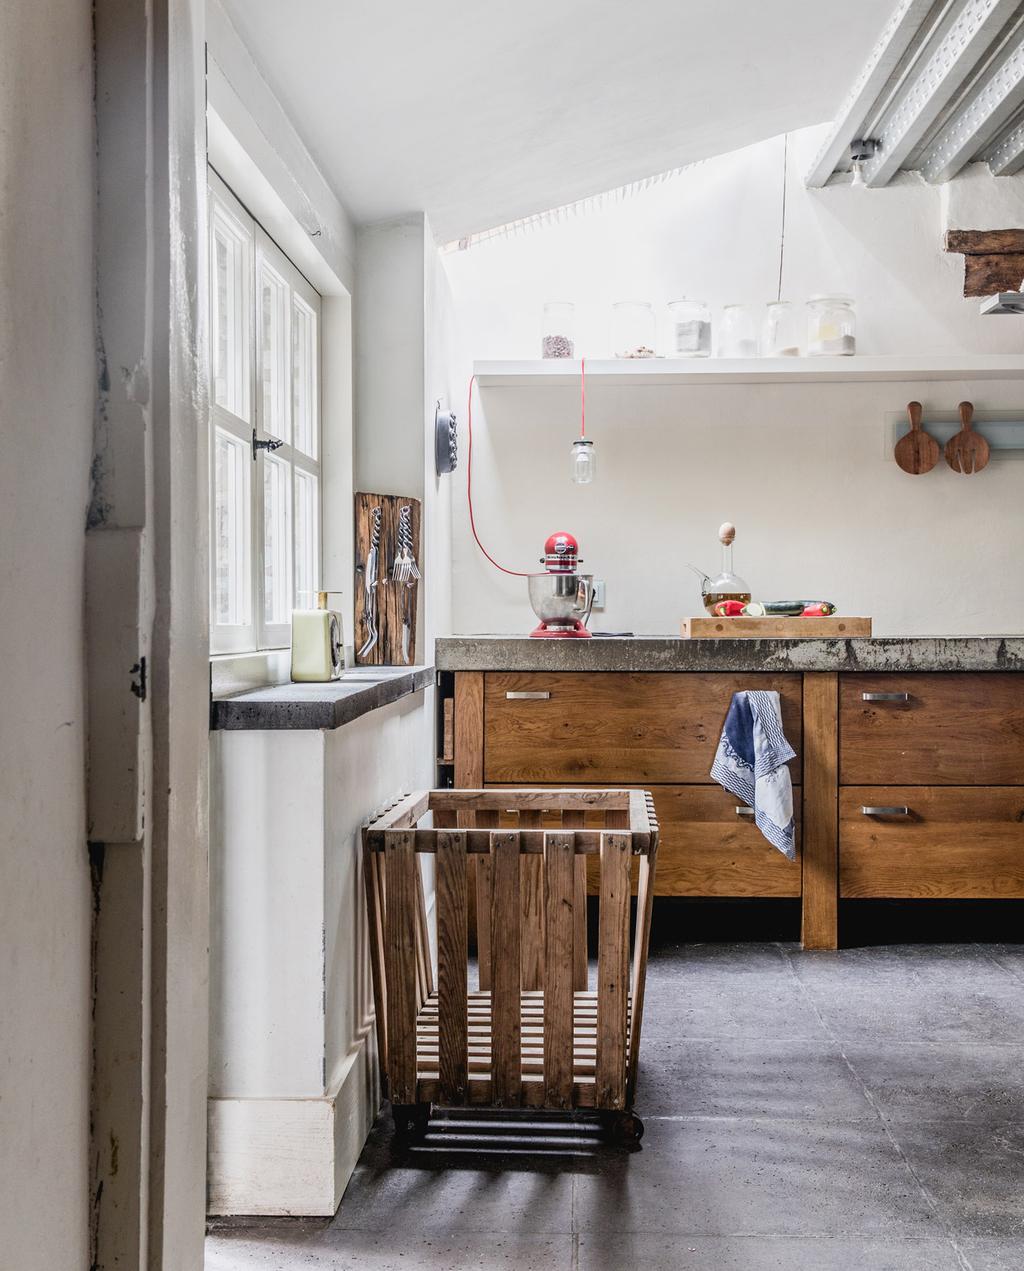 vtwonen 05-2021 | houten keuken met vloertegels